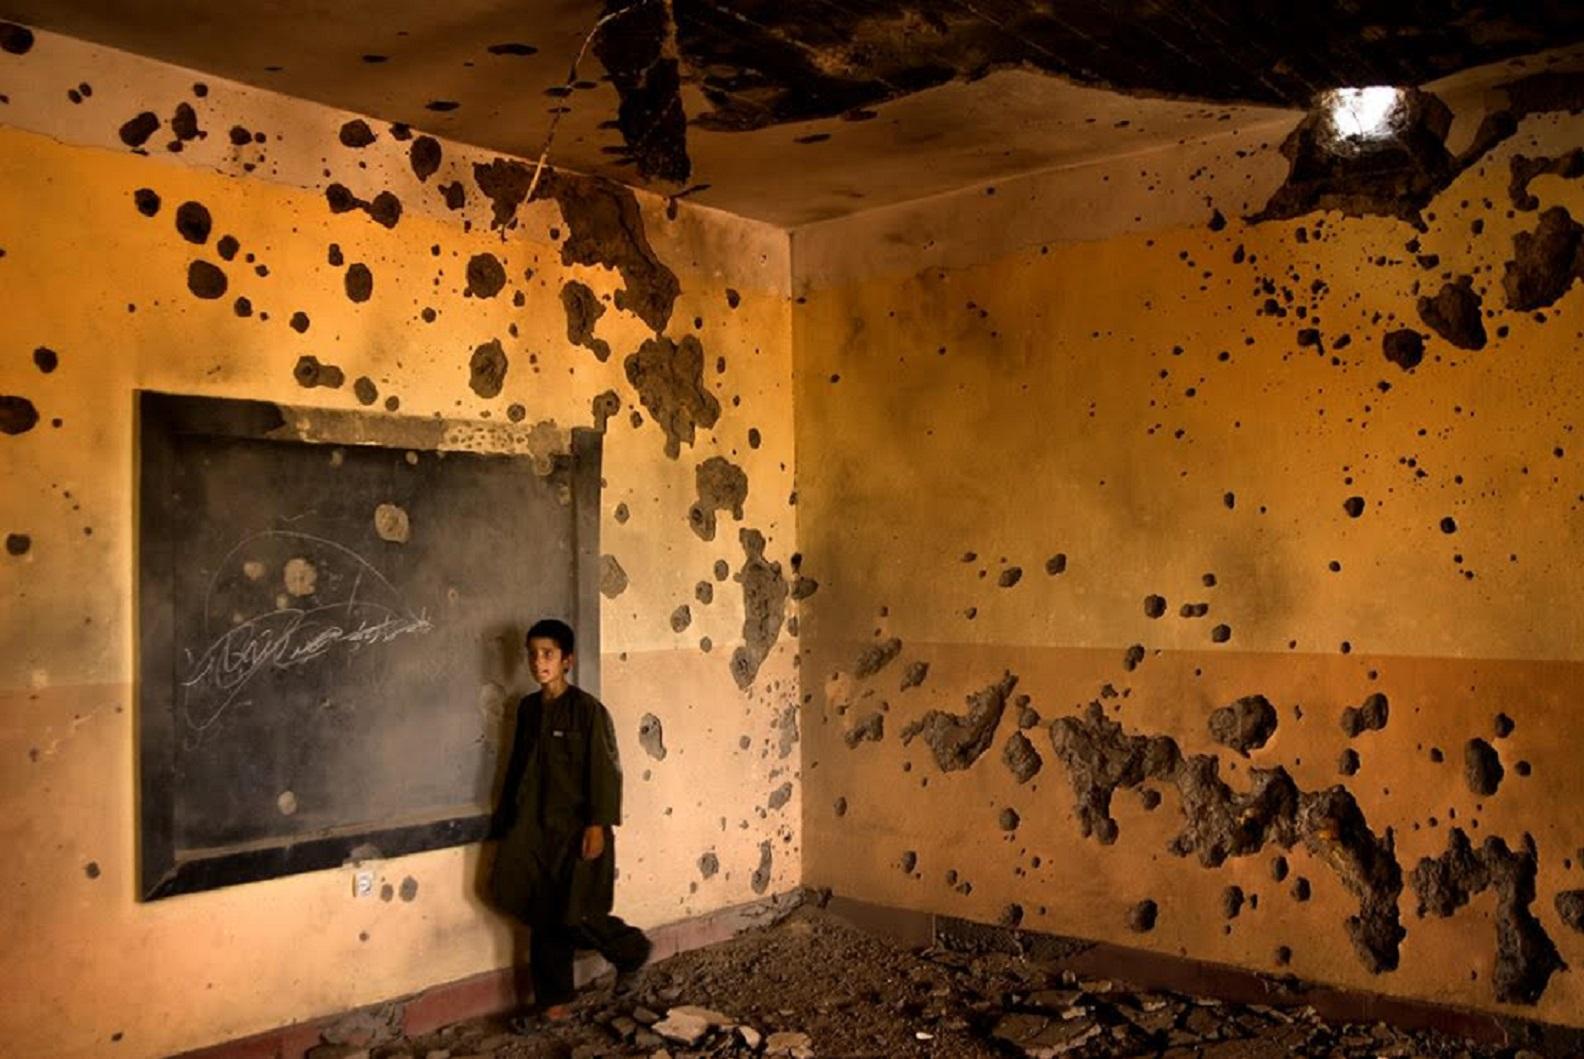 افغان طالبانو بېخبنا ړنګه کړه، ملکي خلک یې له خطر سره مخامخ کړل